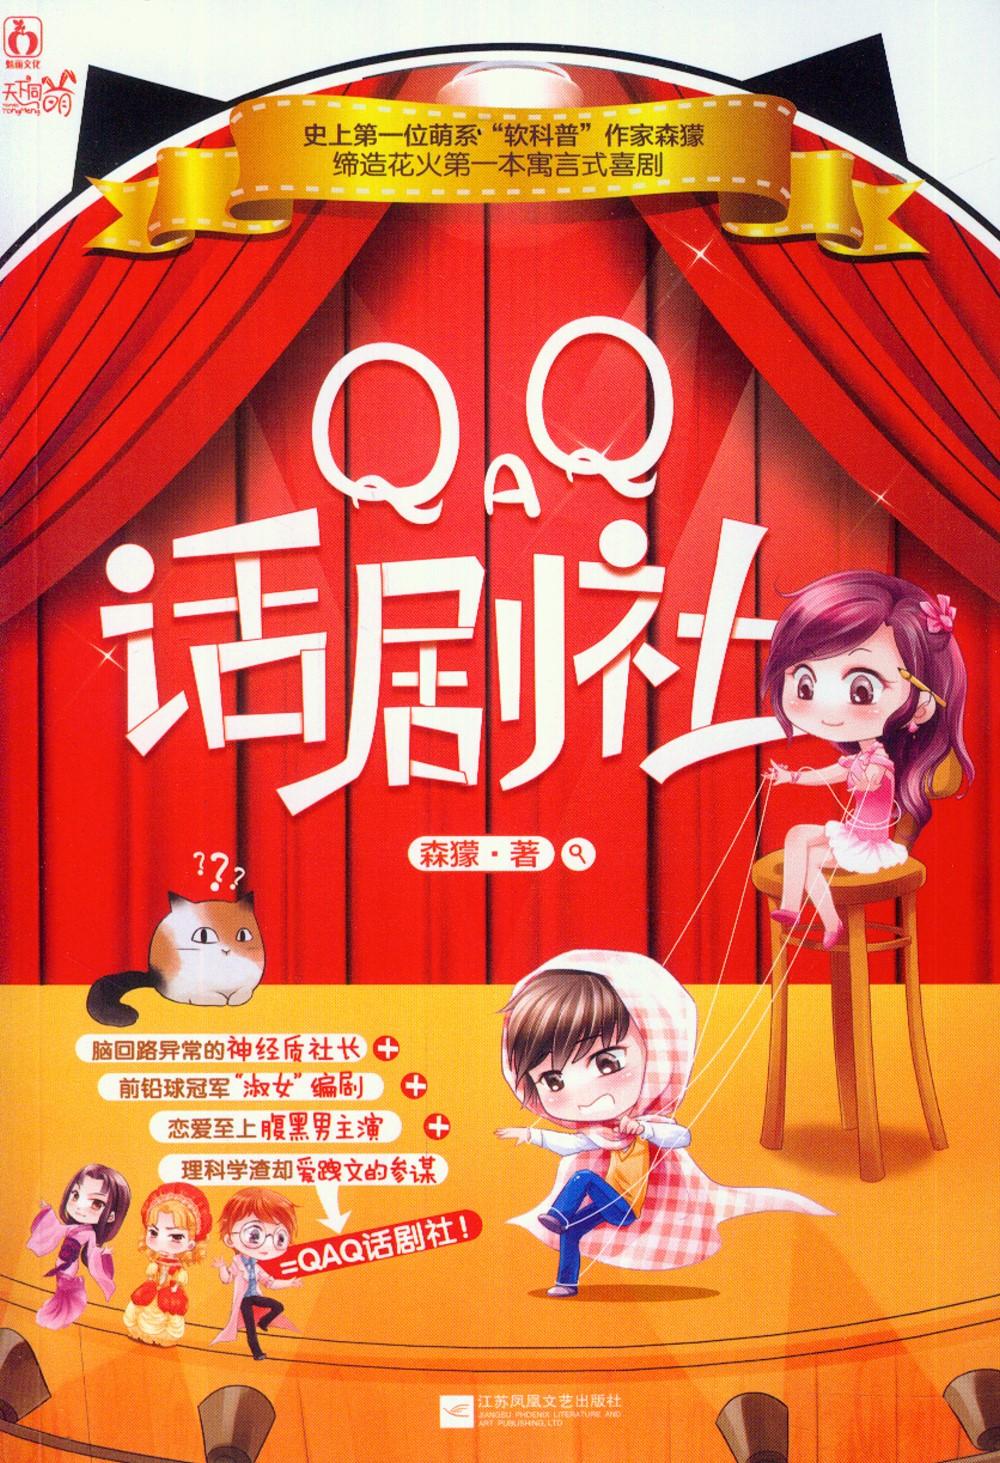 QAQ話劇社